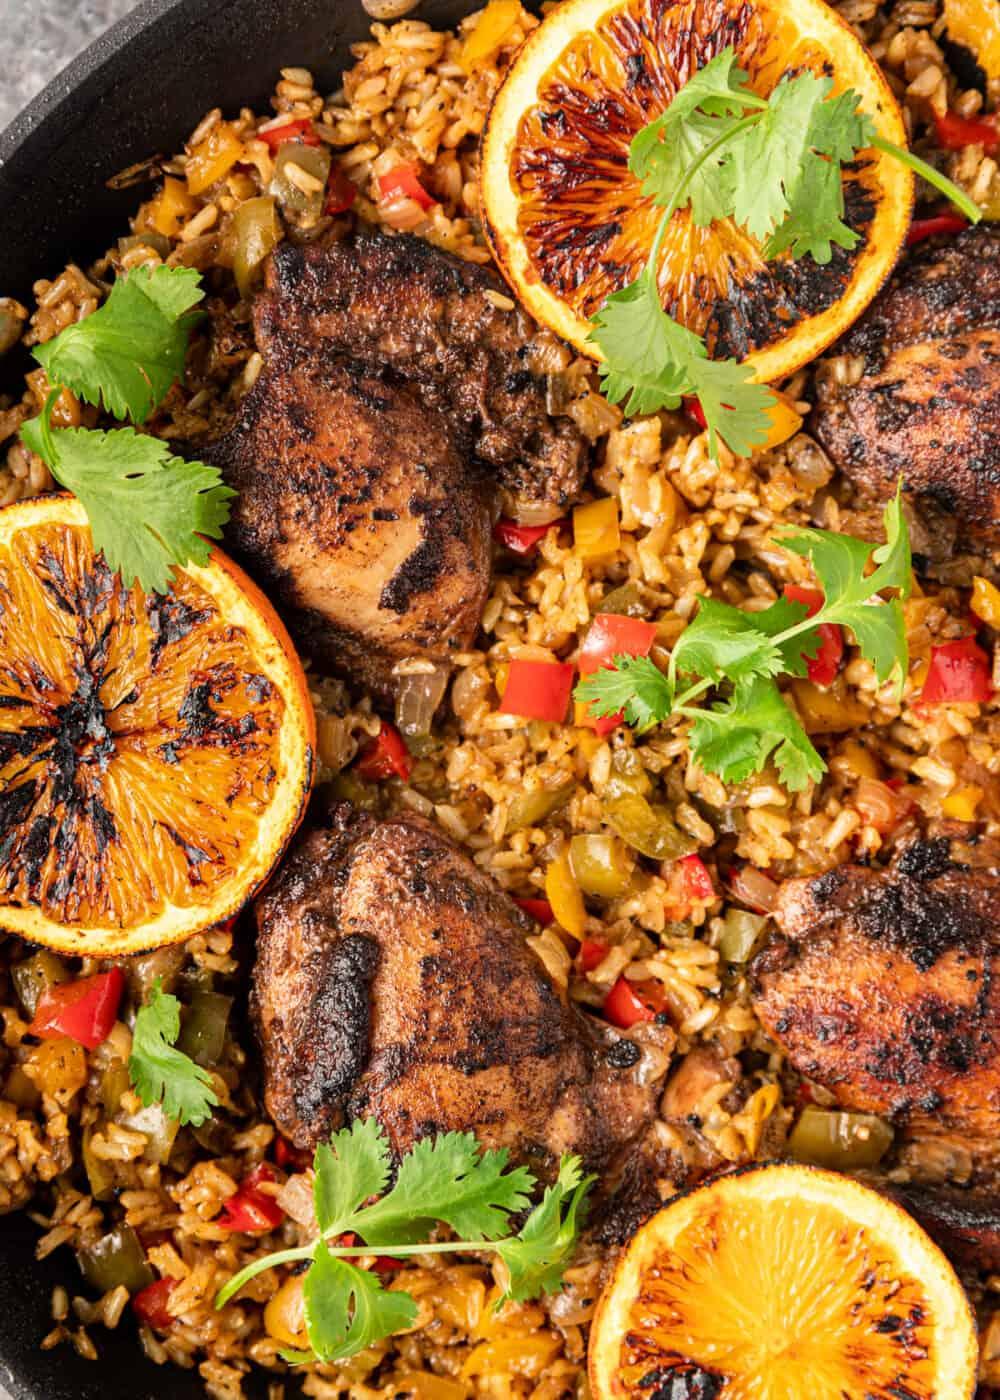 Jamaican jerk chicken recipe shown close up